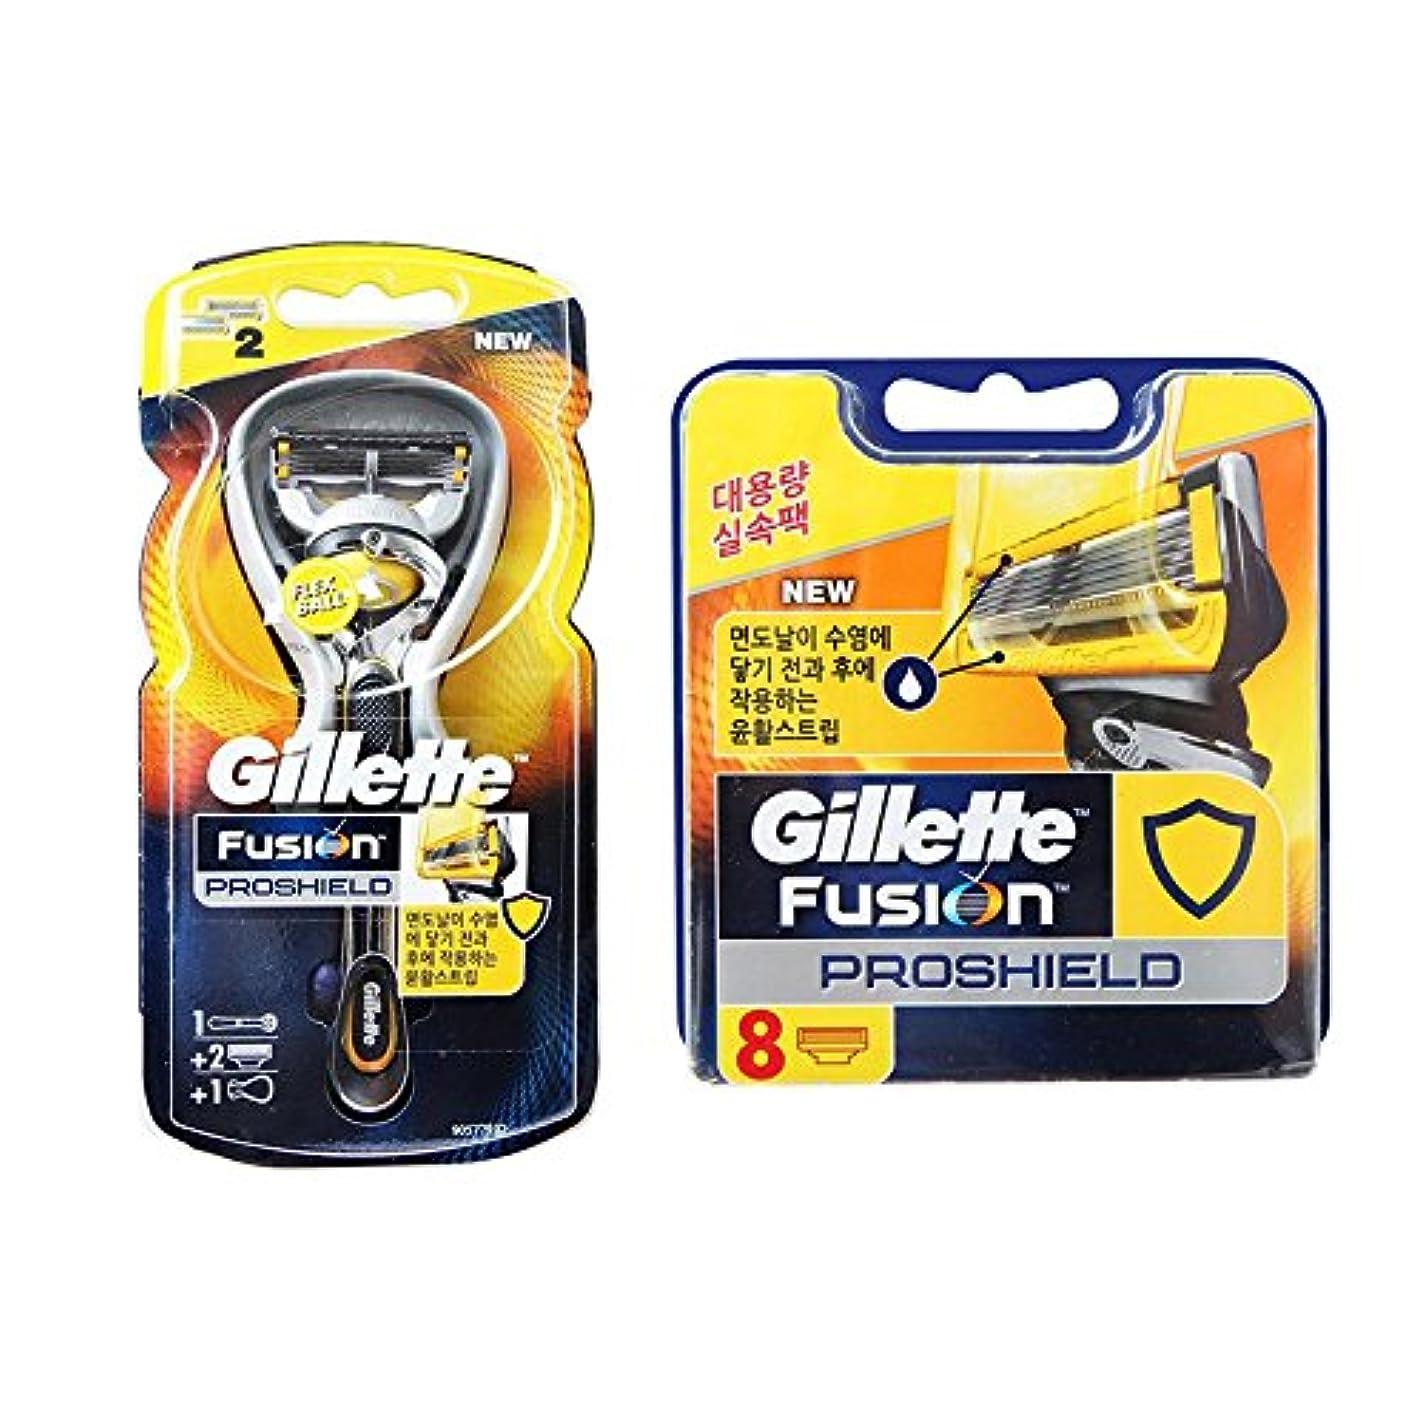 恥ずかしさラフ子羊Gillette Fusion Proshield Yellow 1本の剃刀と10本の剃刀刃 [並行輸入品]